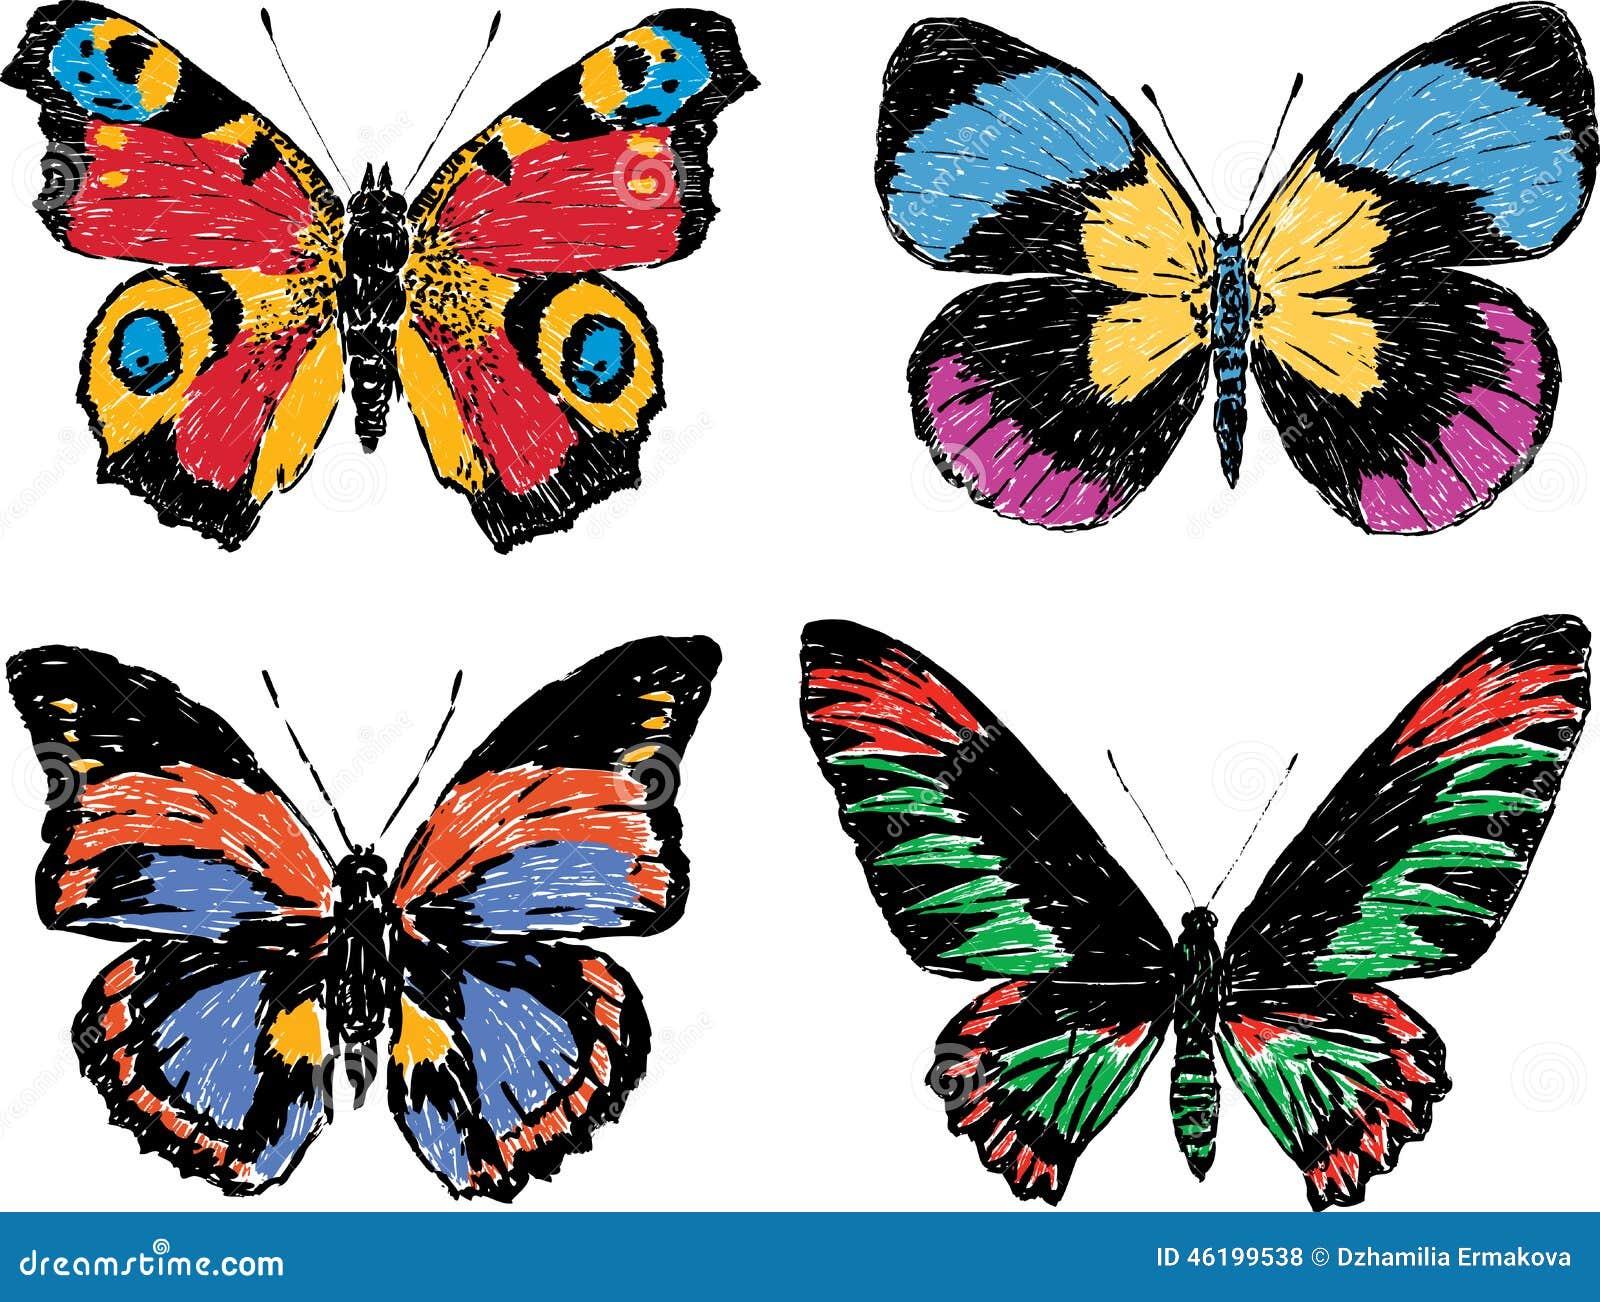 Нужен рисунок бабочка